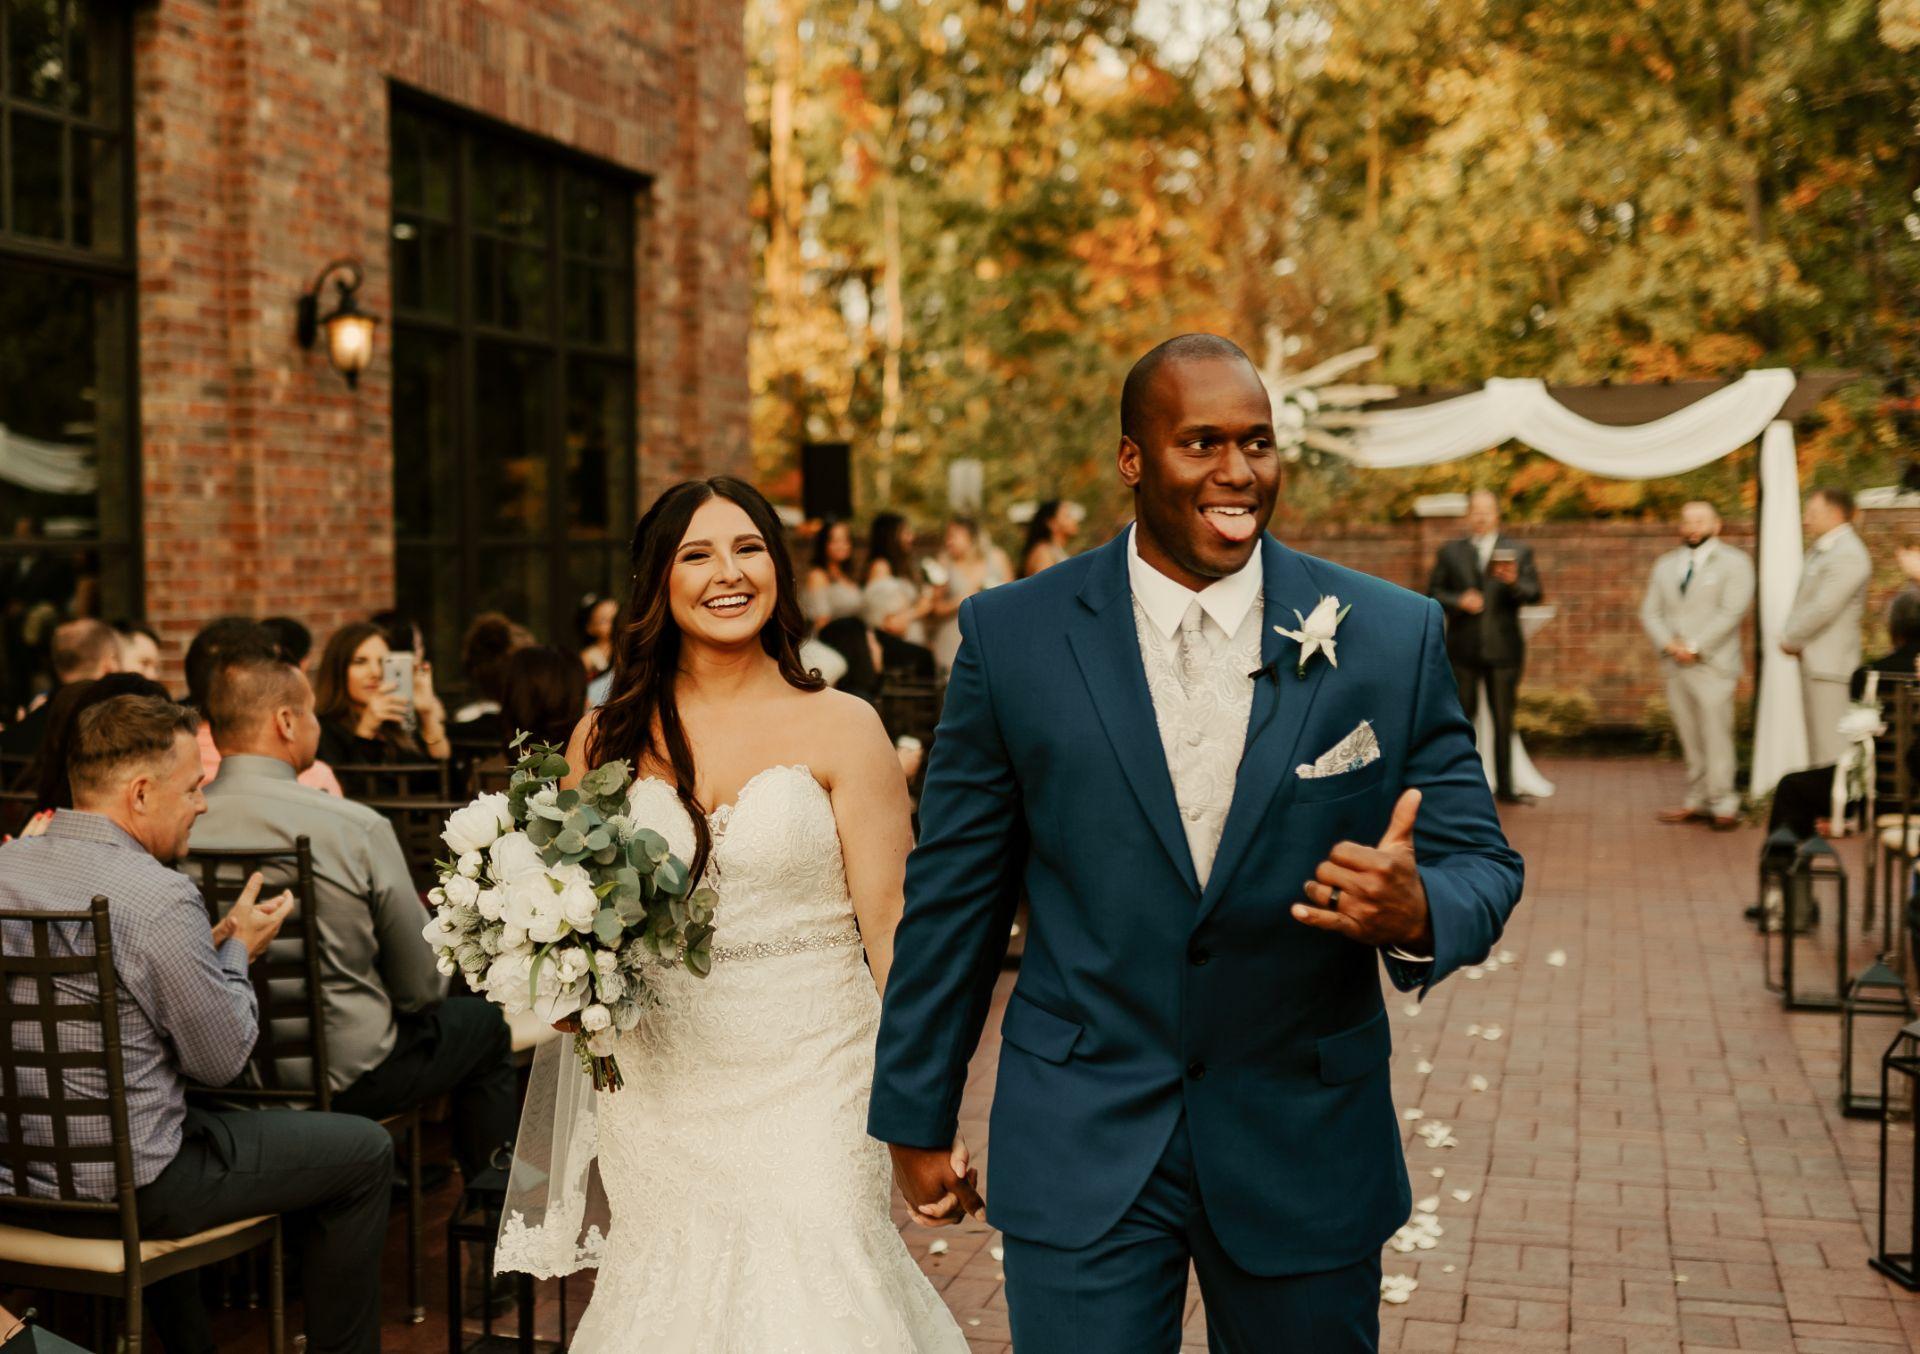 Grace-J-Photo_Columbus-Wedding-Photographer-34-of-49-large